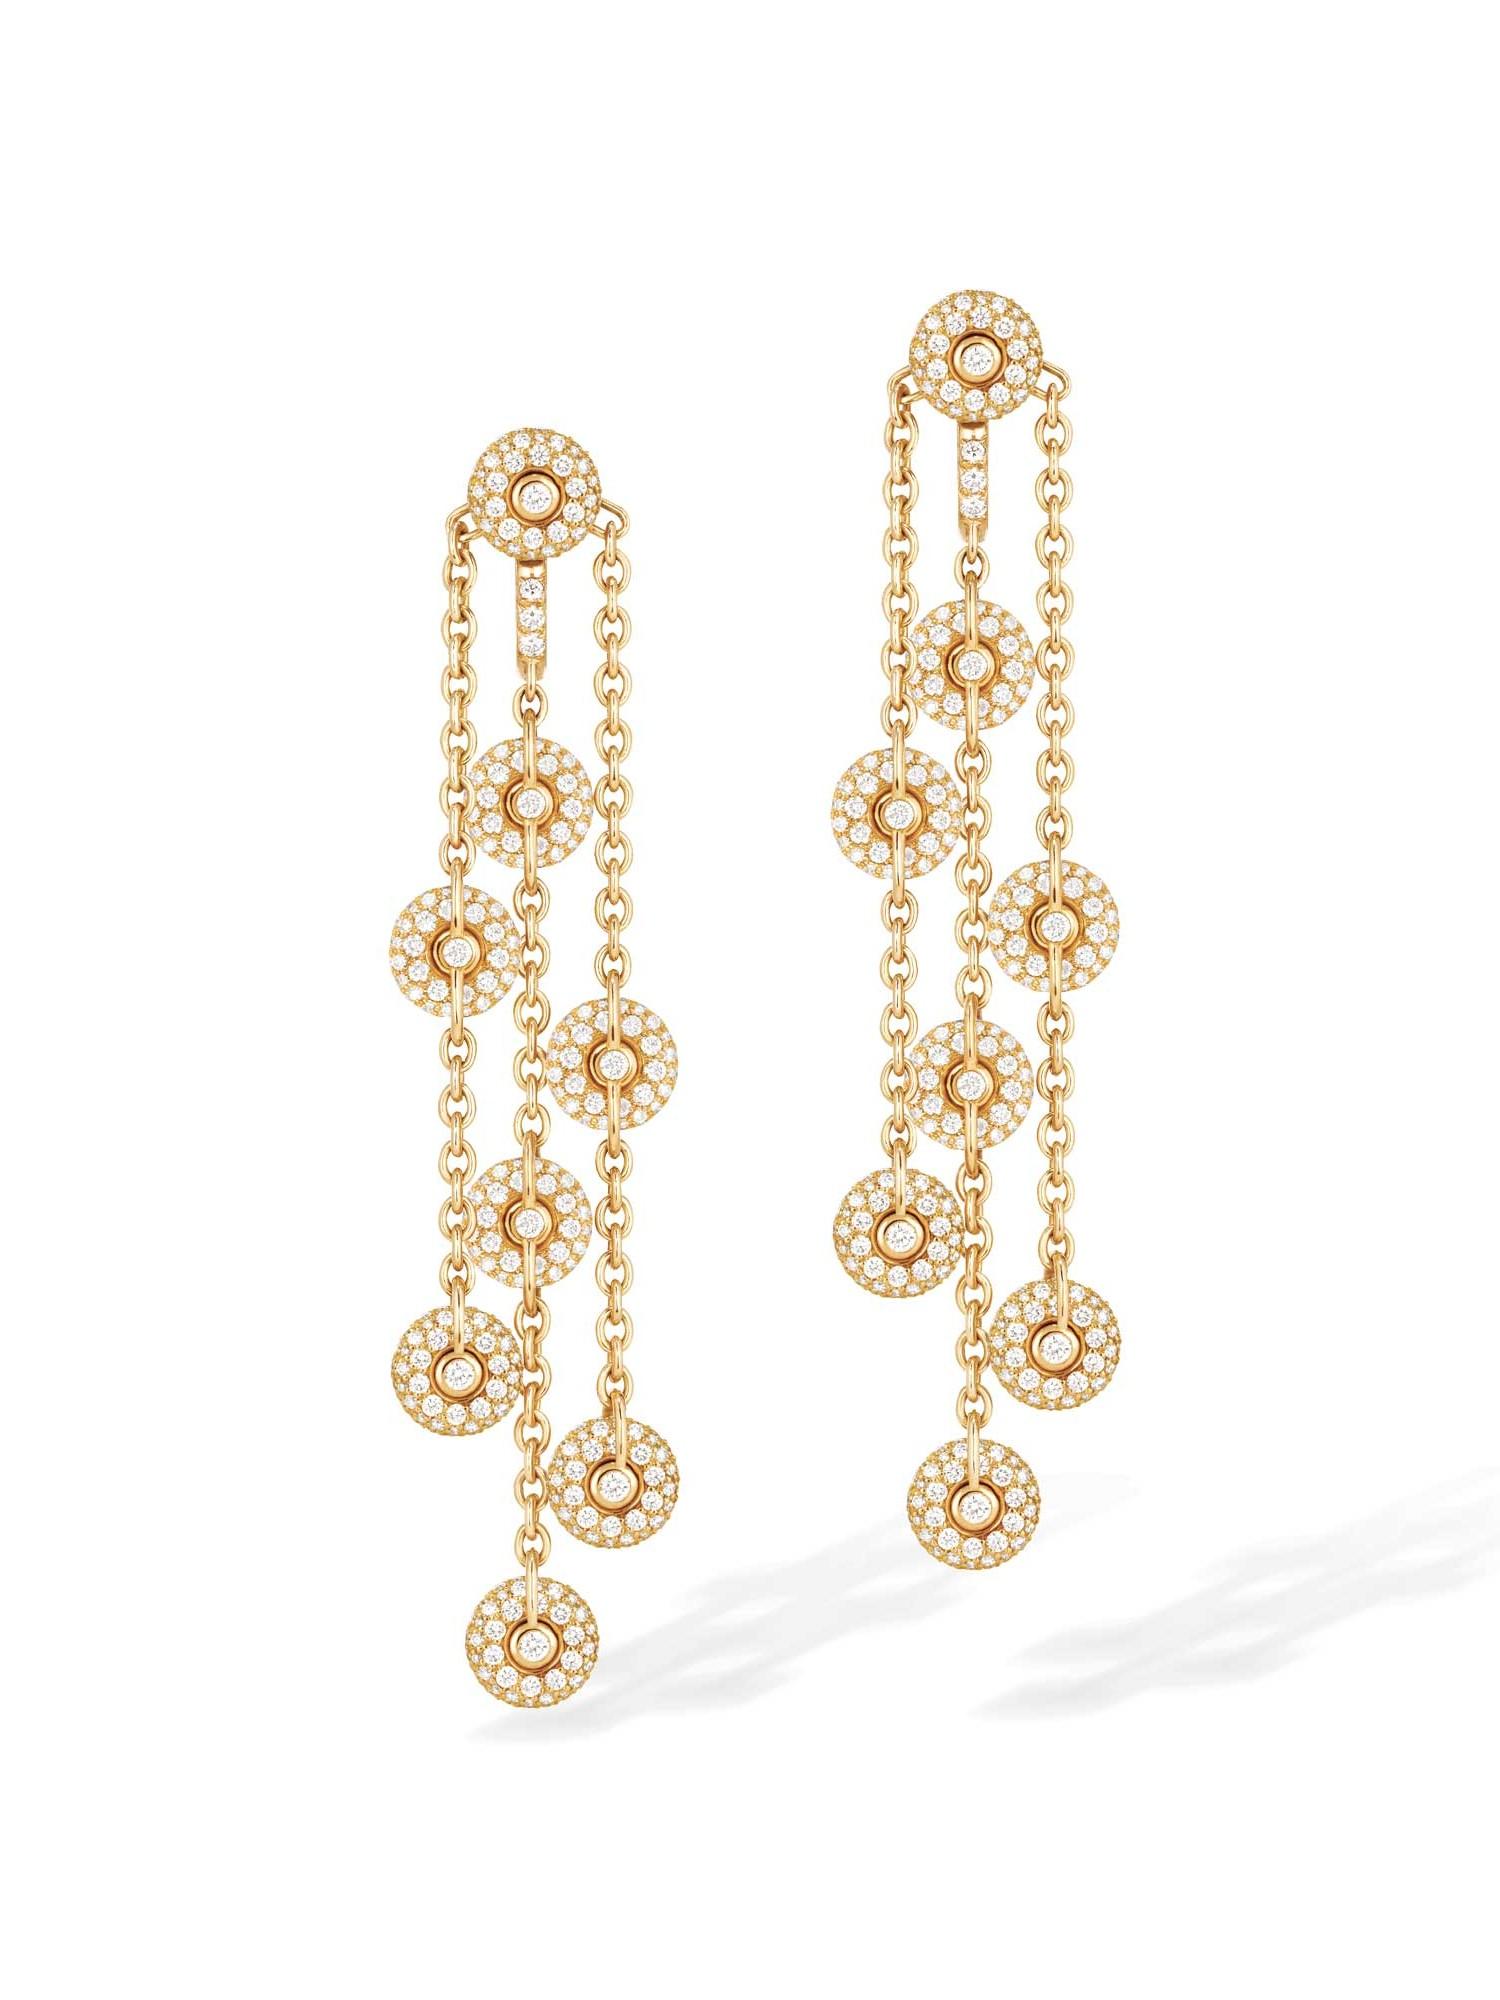 Boucles d'oreilles pendantes or jaune et diamants - joaillerie Canaglia Paris-Milan